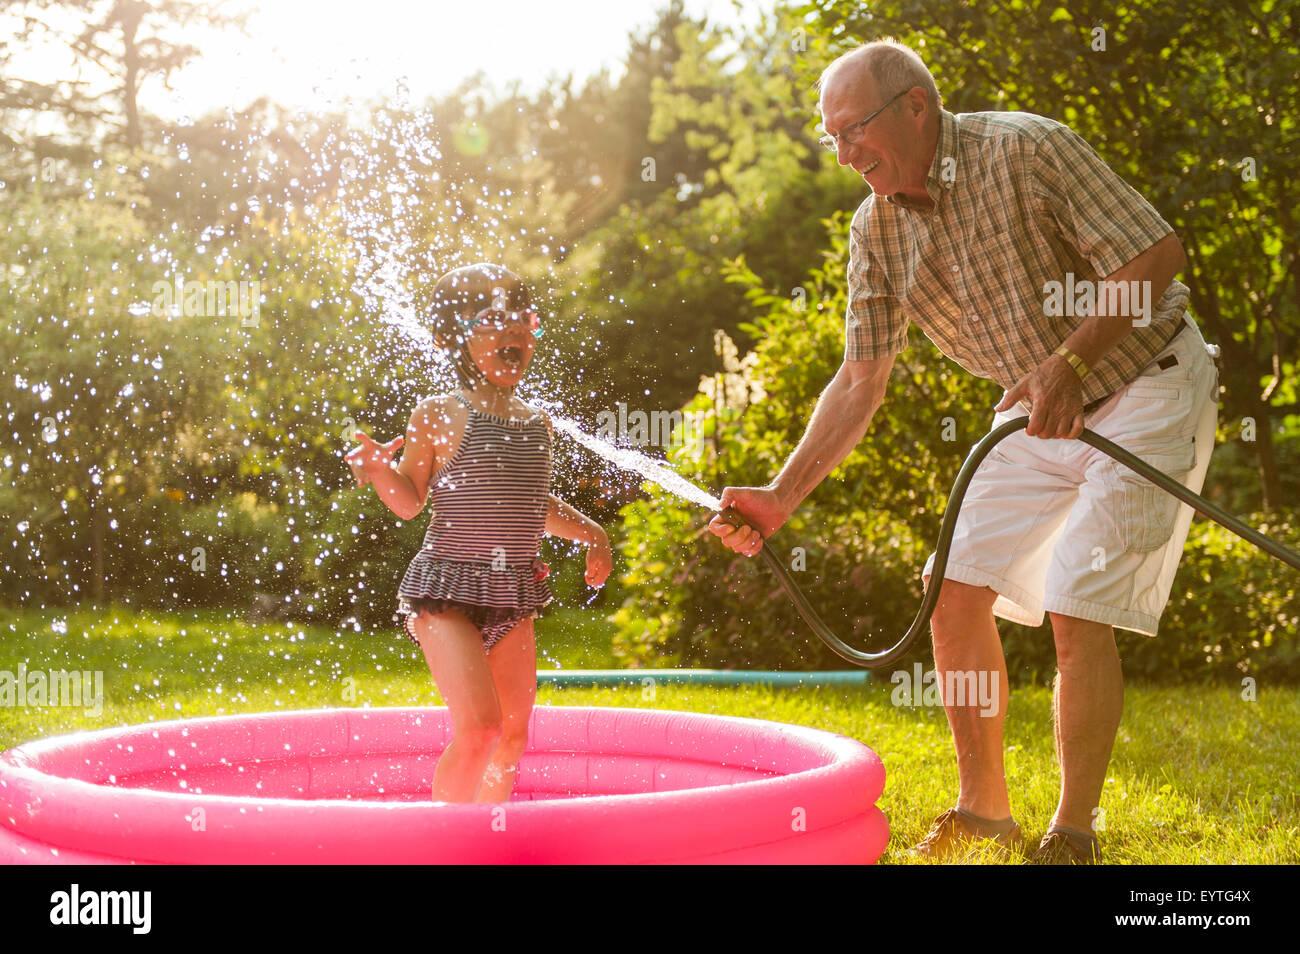 Les grands-parents et jouer avec le tuyau extérieur grandkid Photo Stock